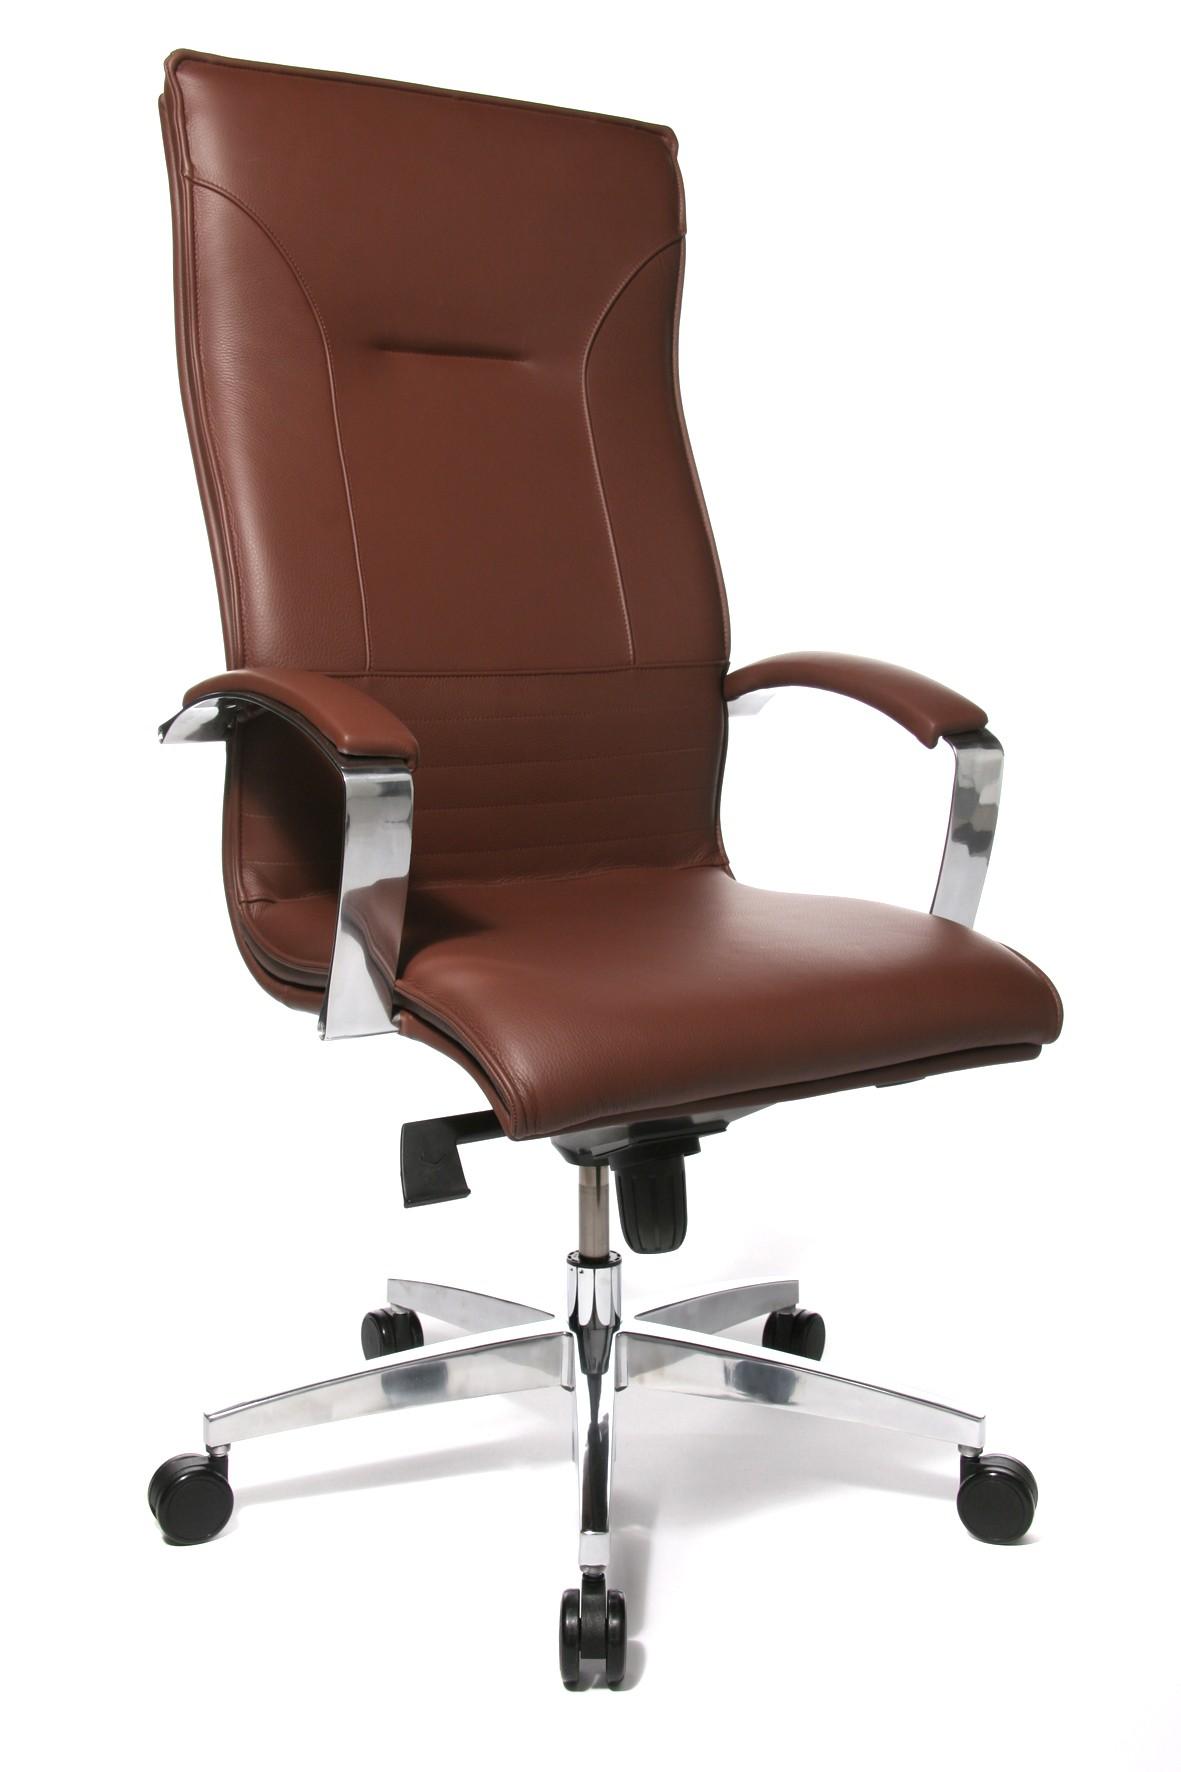 Fauteuil de bureau cuir Prestige Achat fauteuils de direction